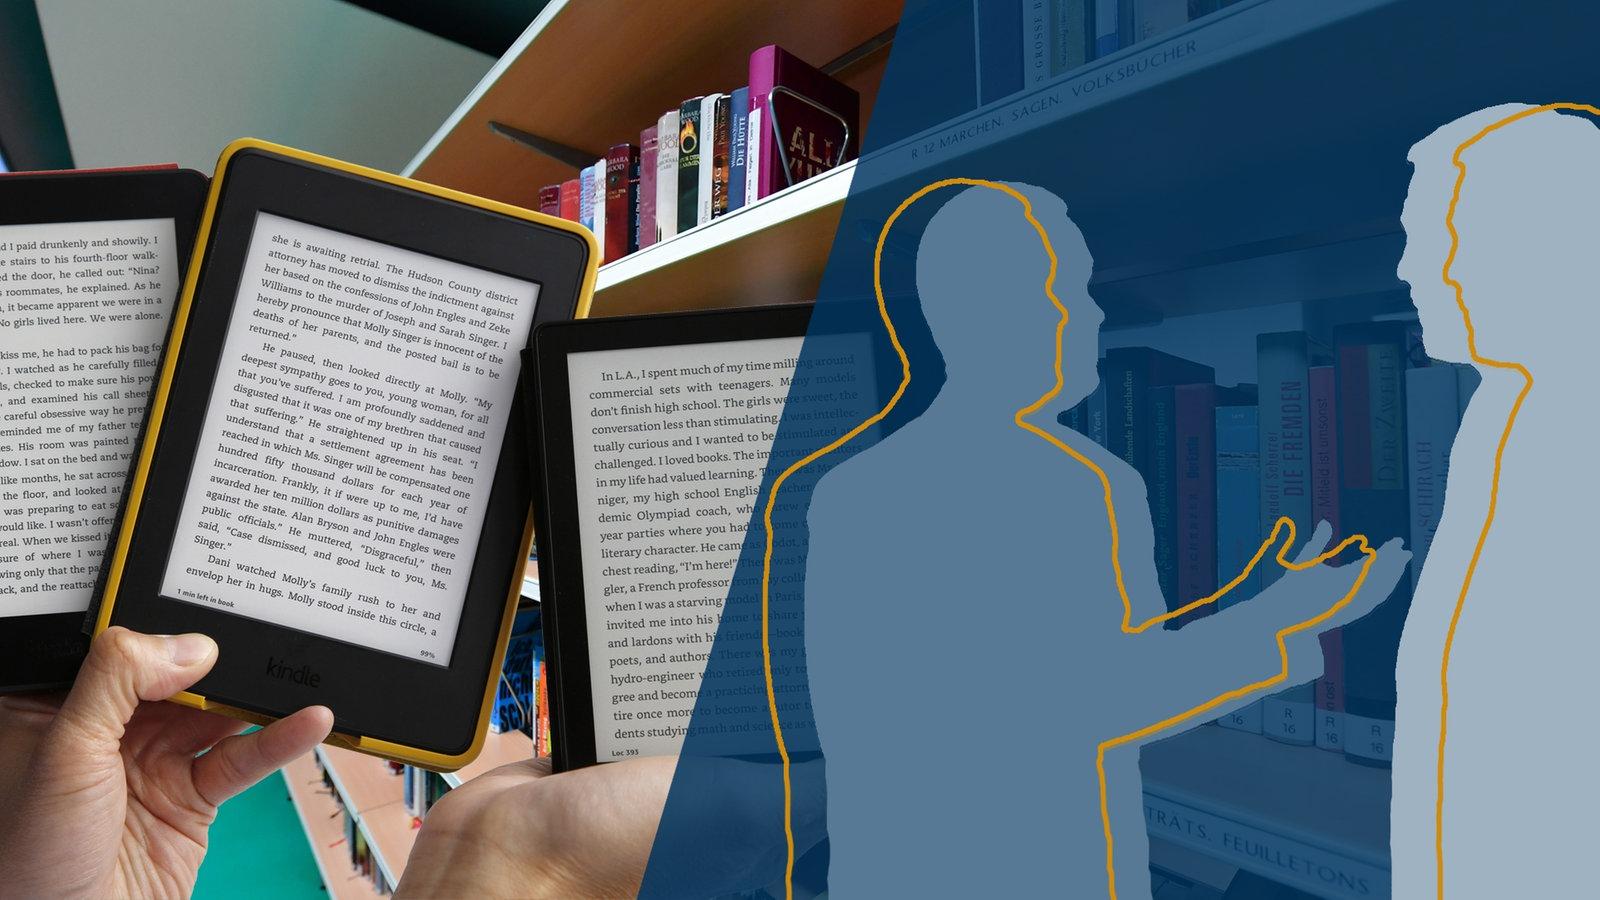 diskutieren sie mit was braucht die bibliothek der. Black Bedroom Furniture Sets. Home Design Ideas